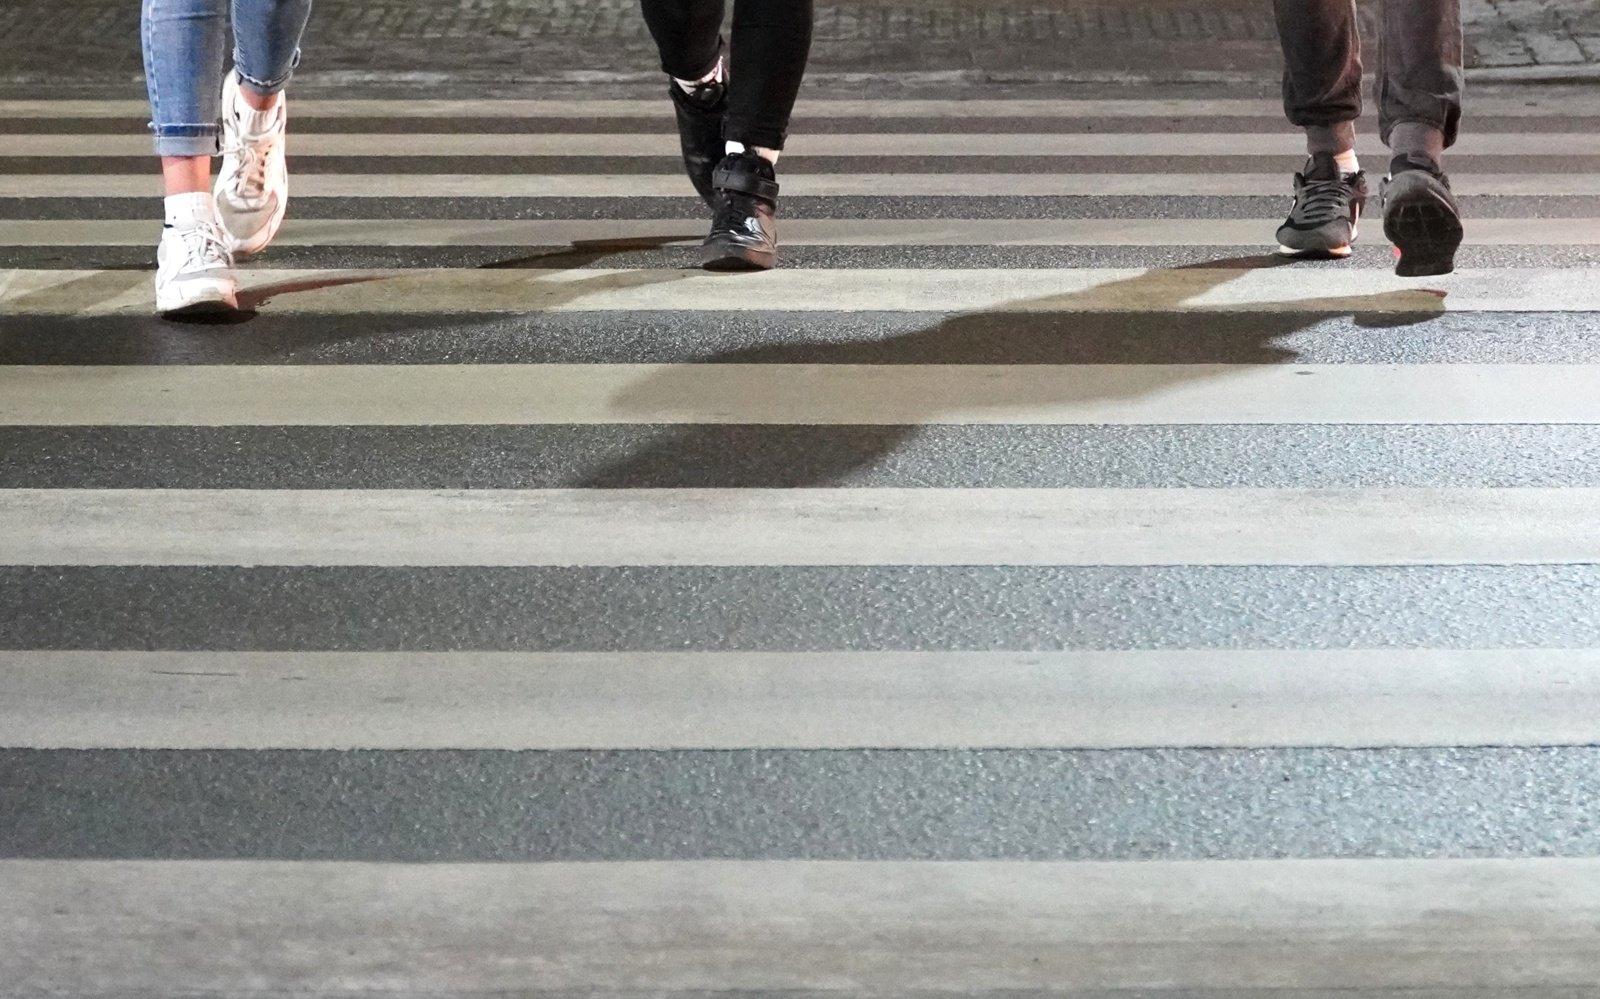 Per penkmetį daugiau kaip 38 procentai eismo įvykiuose nukentėjusių pėsčiųjų buvo vaikai nuo 6 iki 10 metų